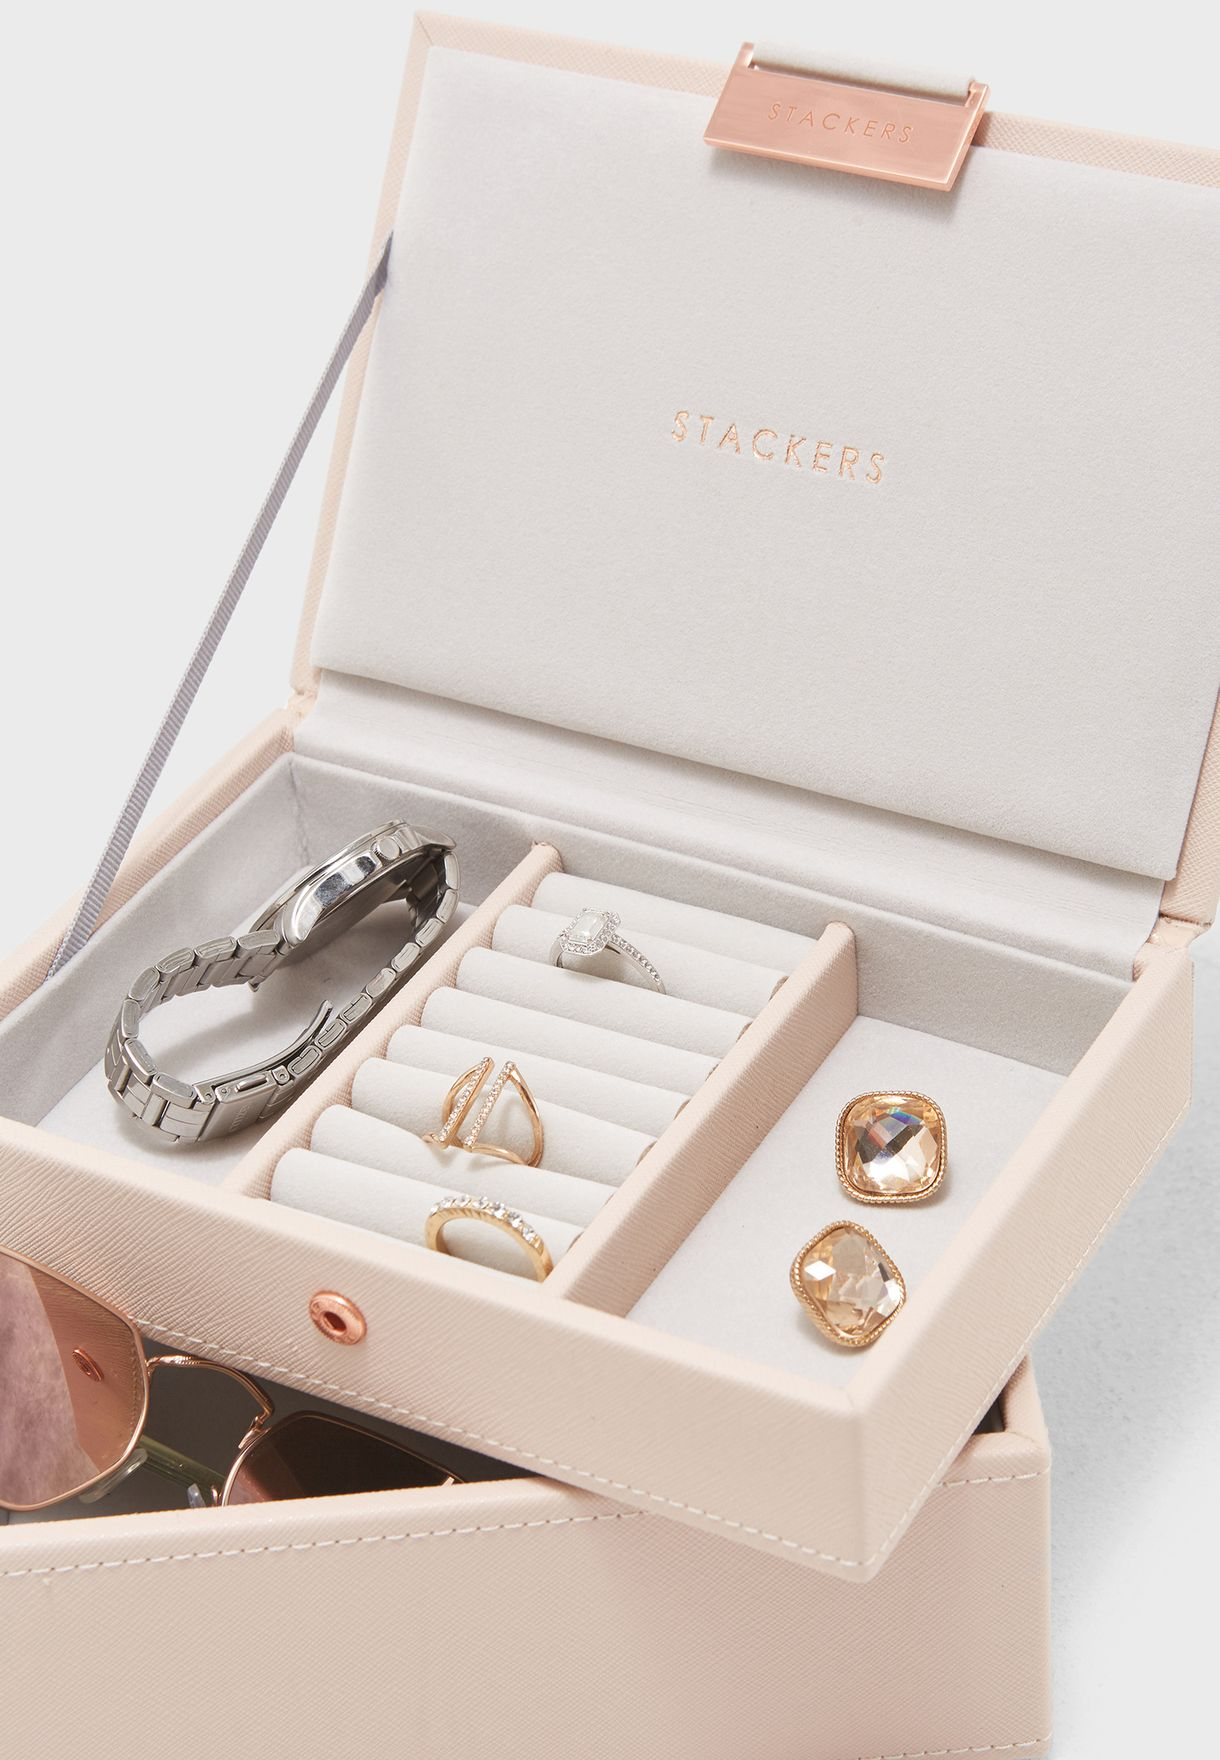 مجموعة كلاسيكية ميني لحفظ المجوهرات